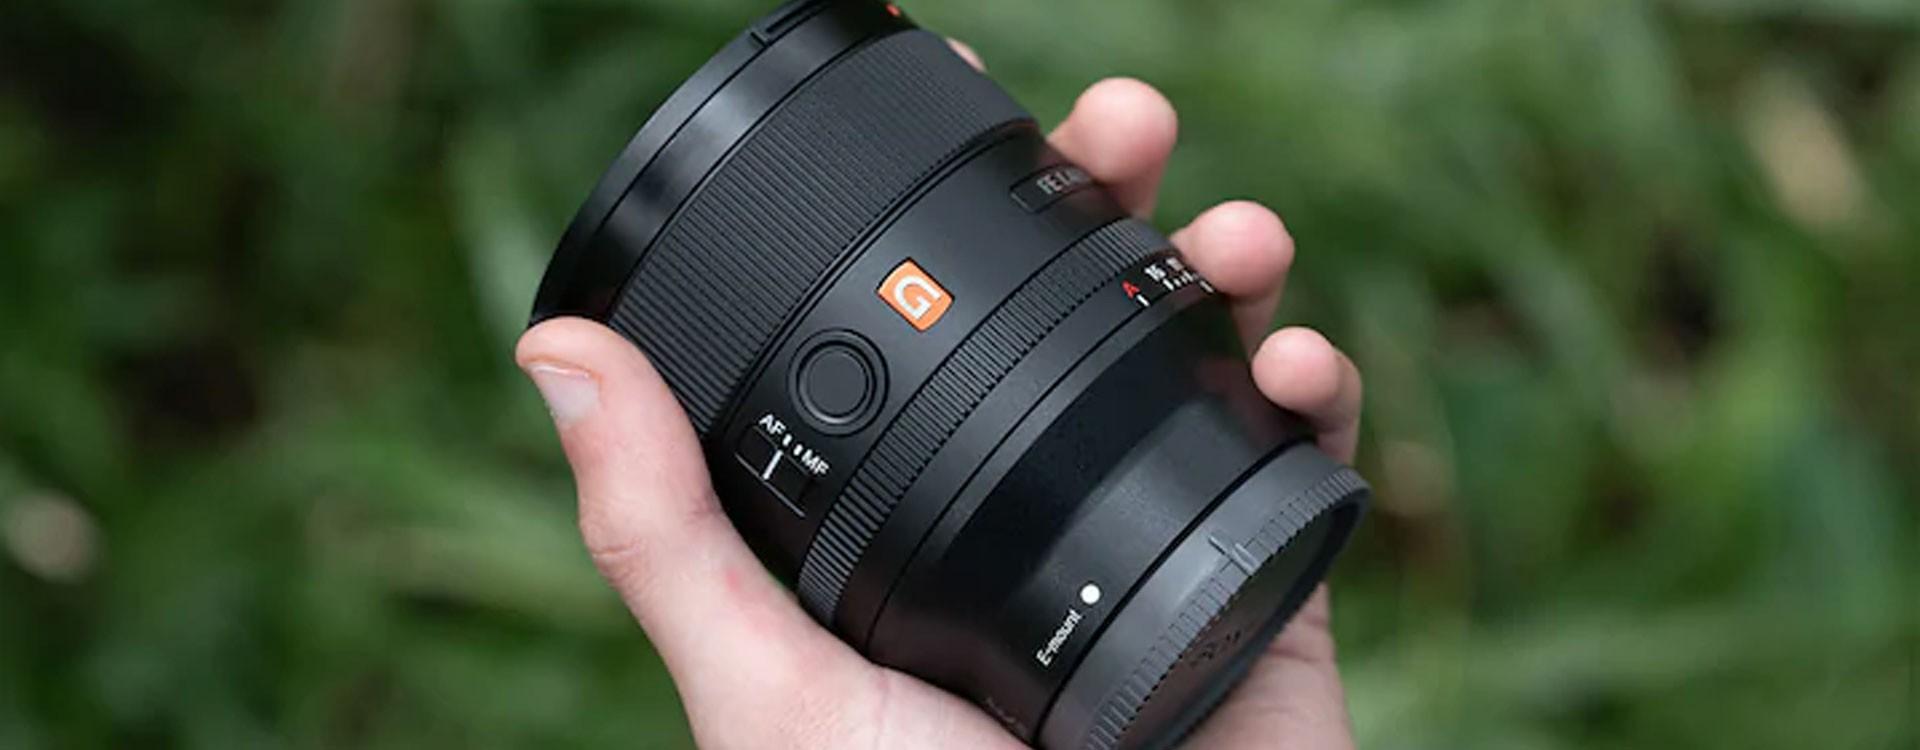 Sony présente sa nouvelle optique focale fixe plein format G Master™ : l'indispensable FE 35mm F1.4 GM